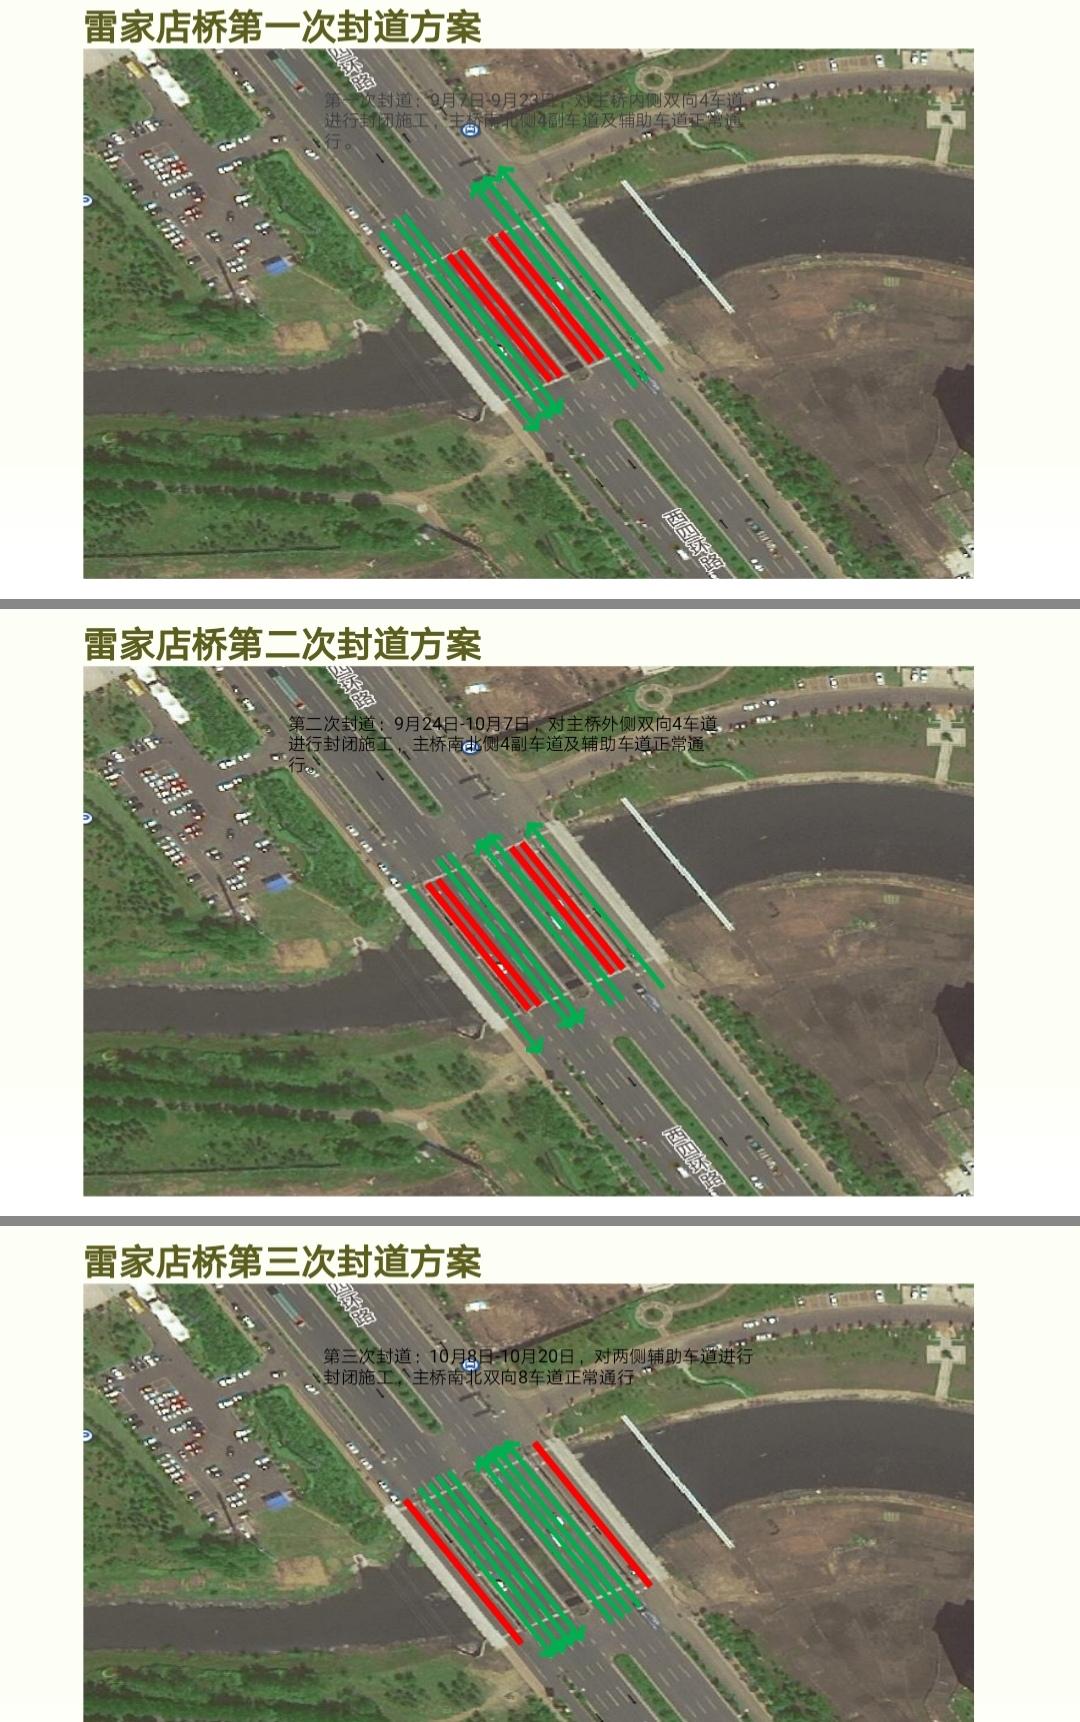 @长春市民 明天起5座桥梁加固维修 出门别走冤枉路